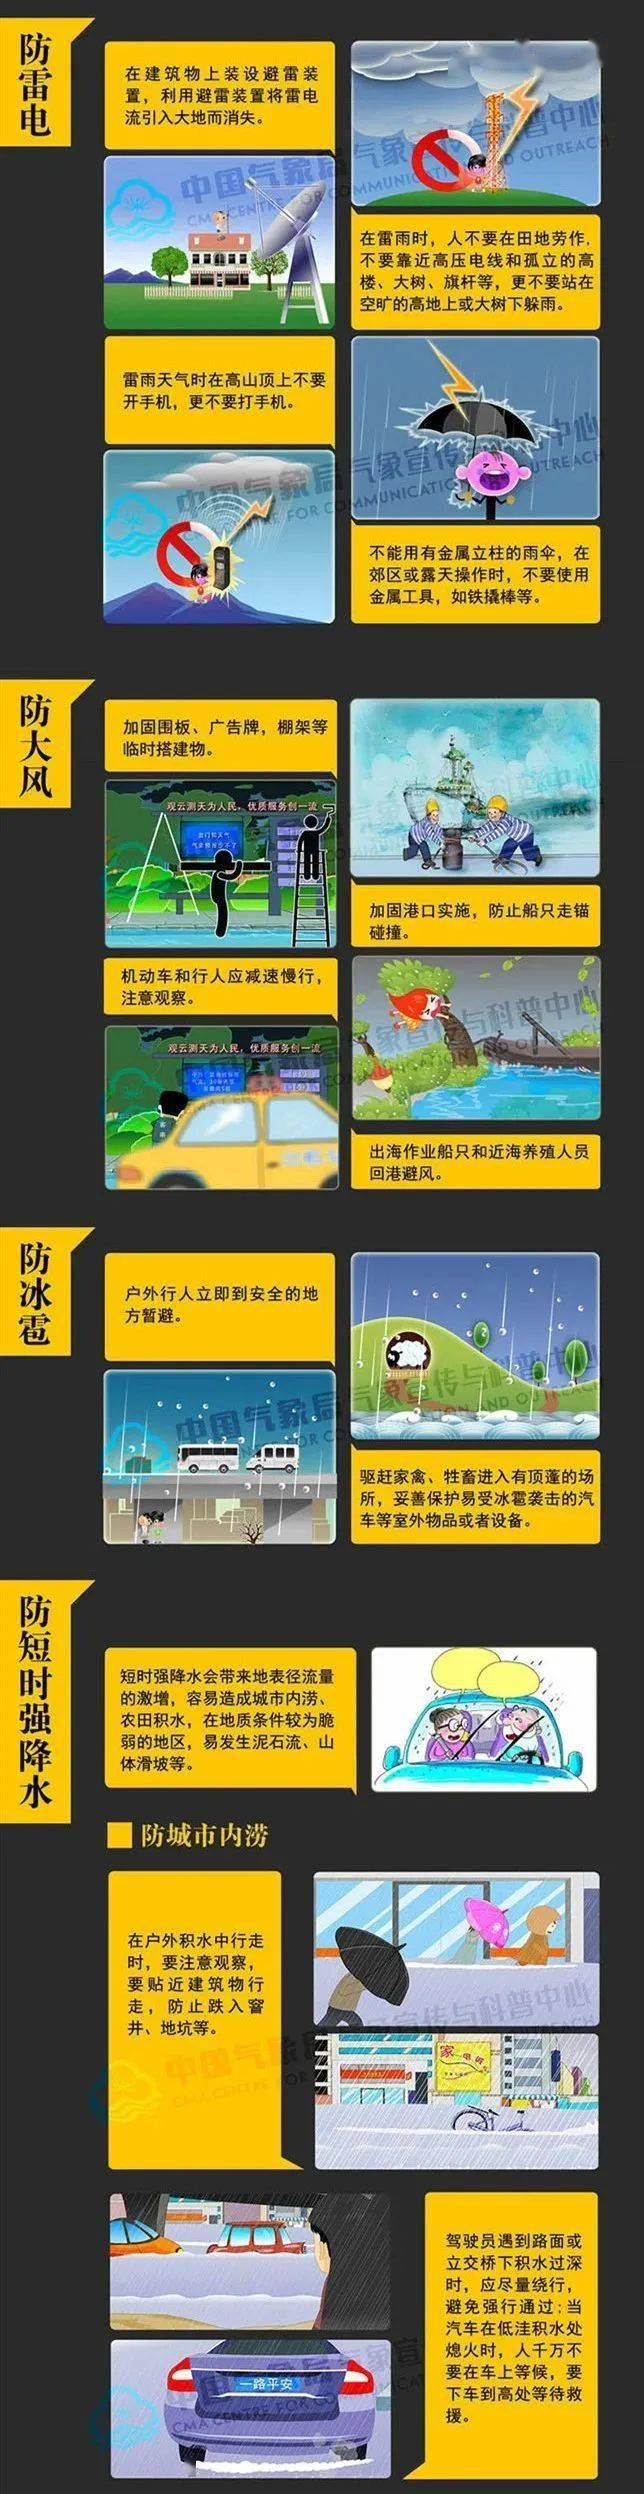 @海南人!今天下午,短时强降水或到来!